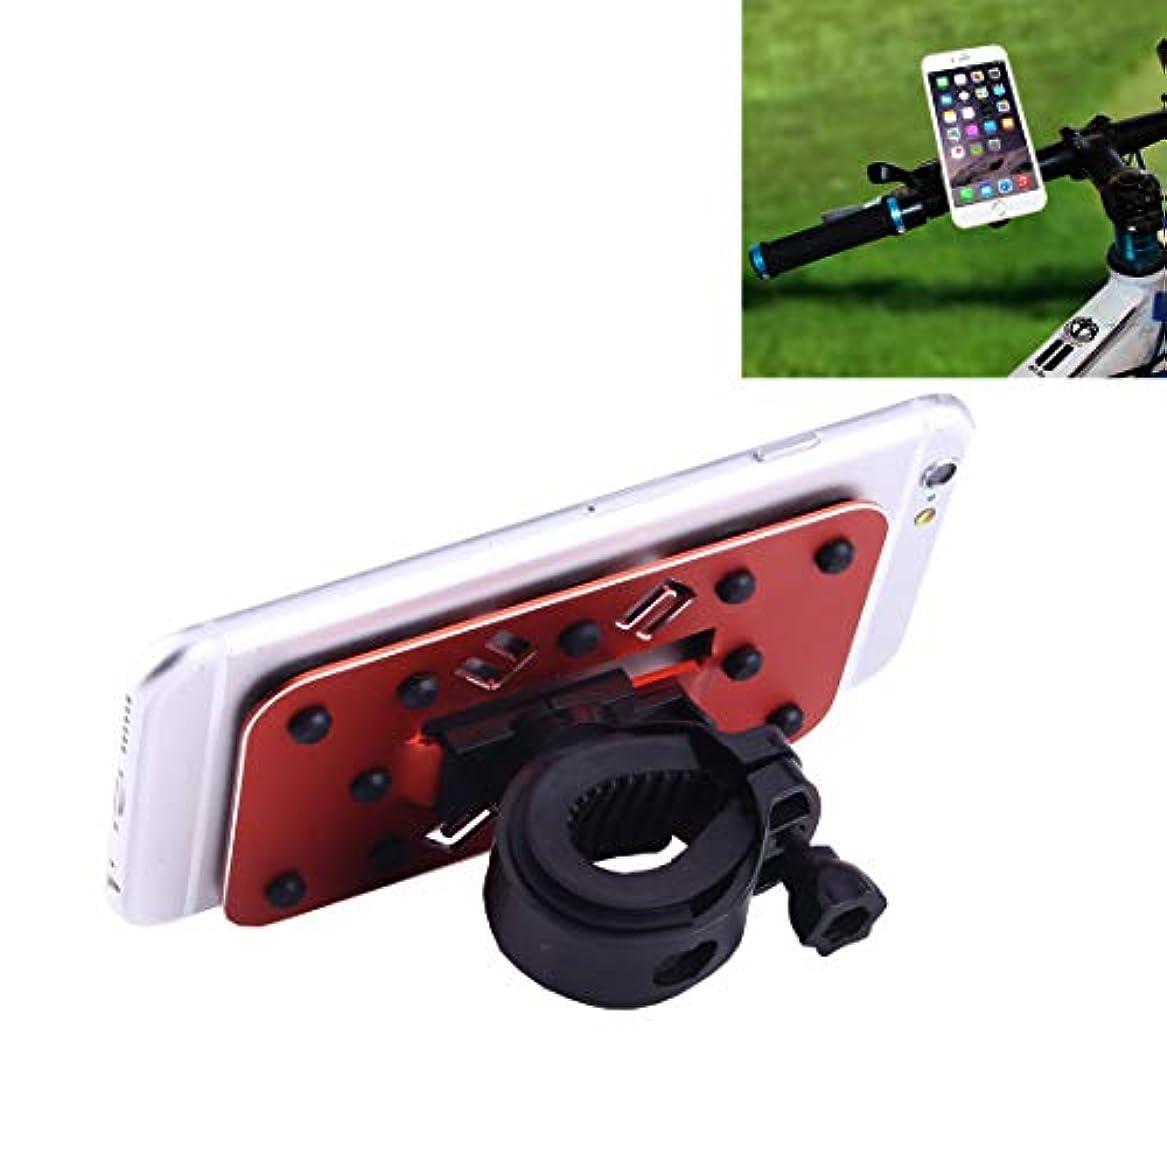 砂蒸留傷つきやすいWTYDアウトドアツール OQSPORT多機能ユニバーサル360度回転可能な携帯電話の自転車ホルダーリトルサッカー 自転車の部品